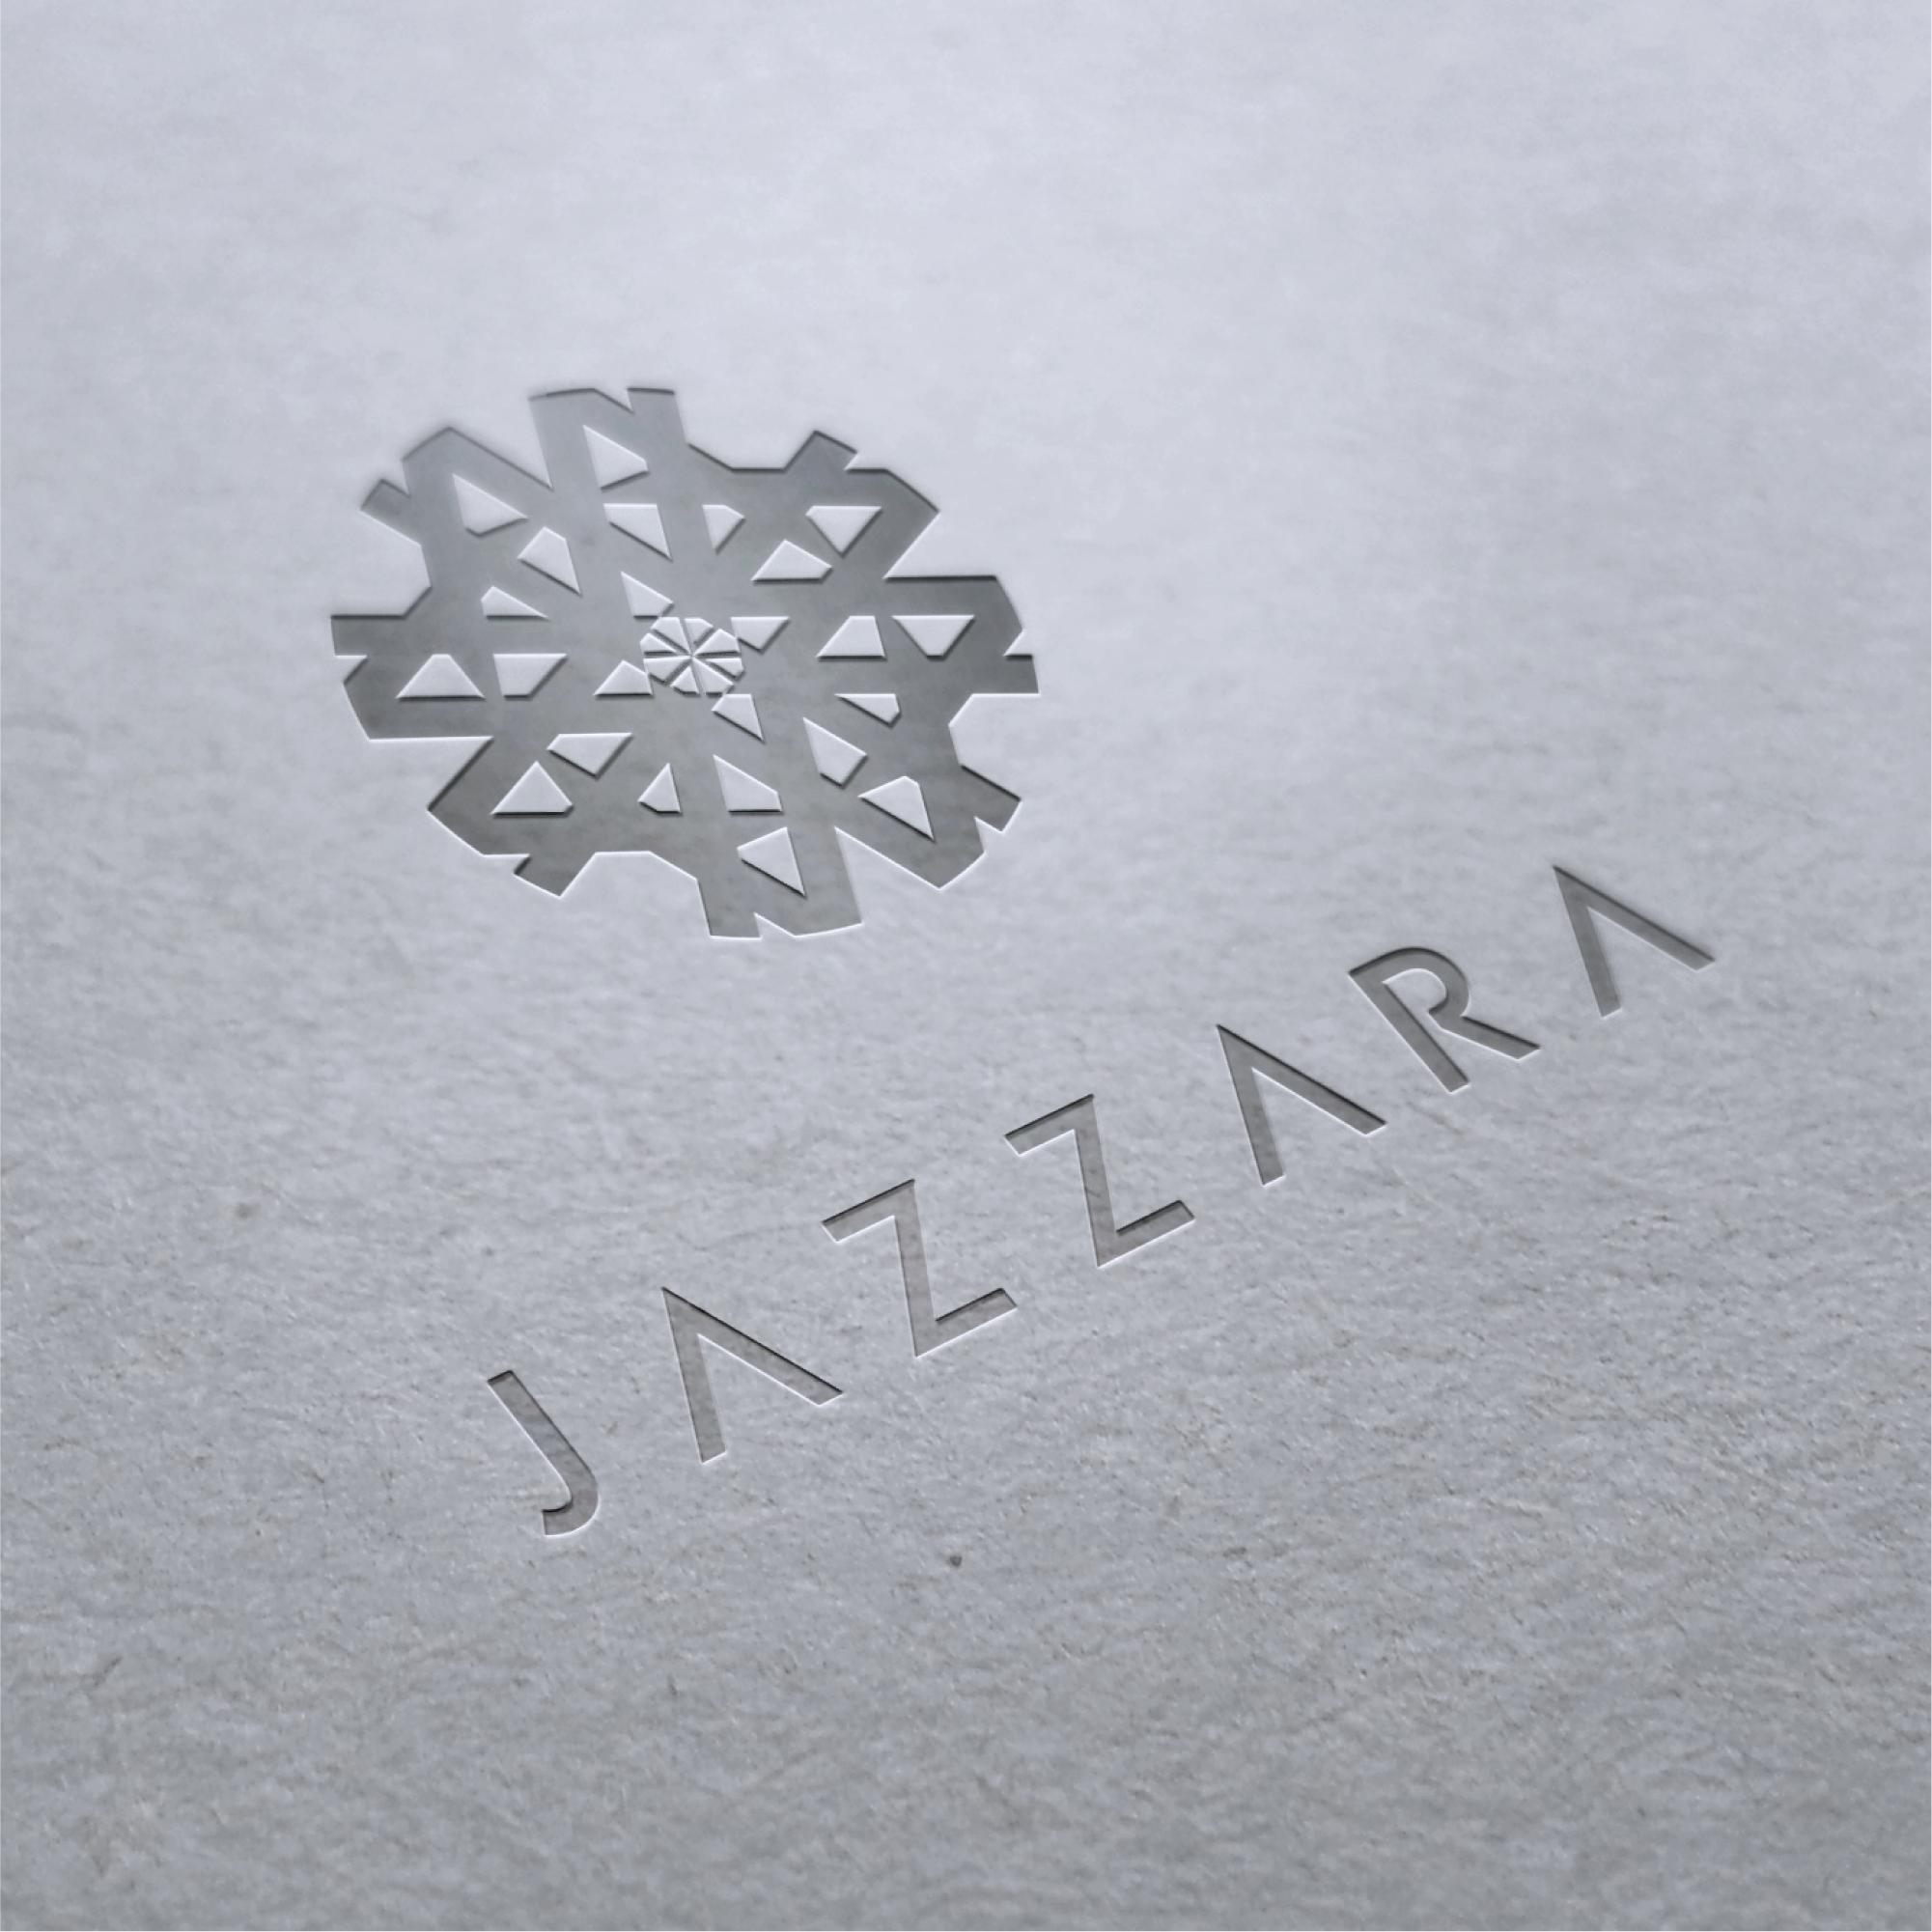 JAZZARA